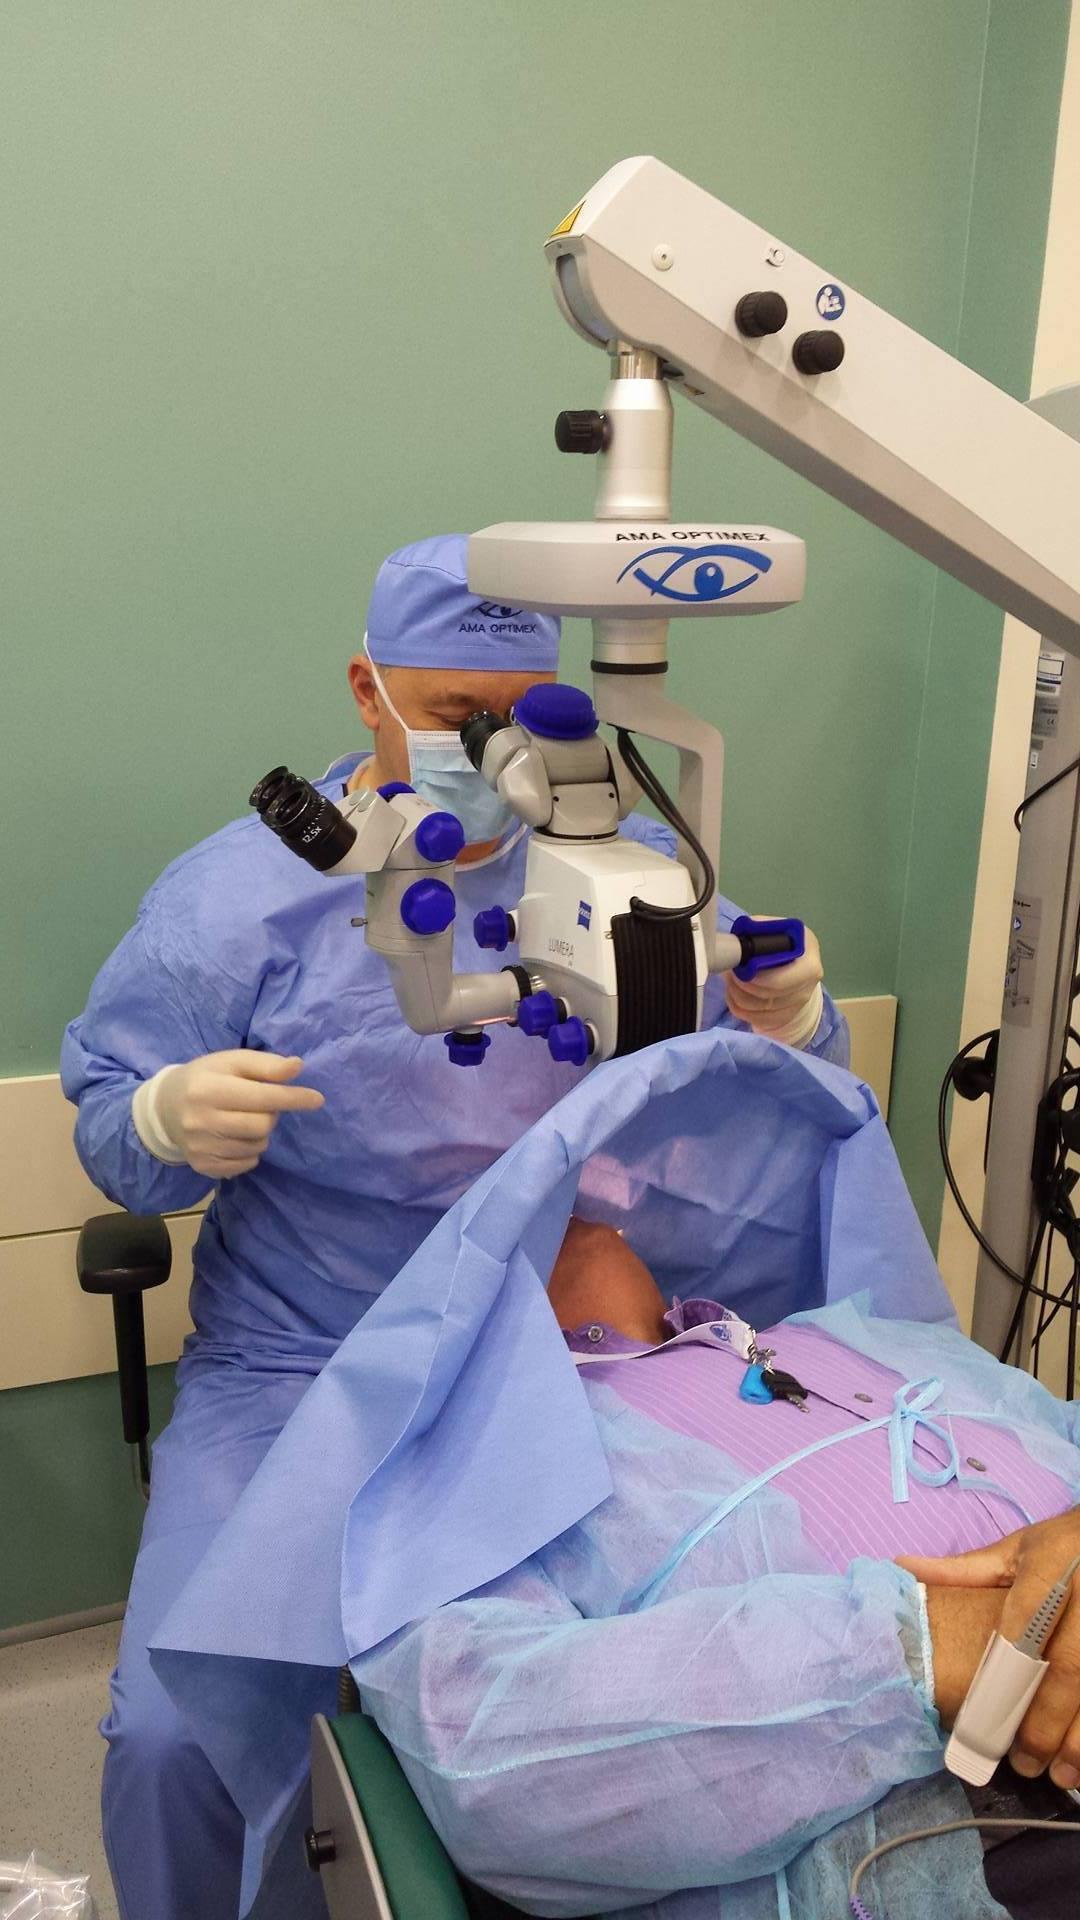 cât timp se recuperează vederea după operație)